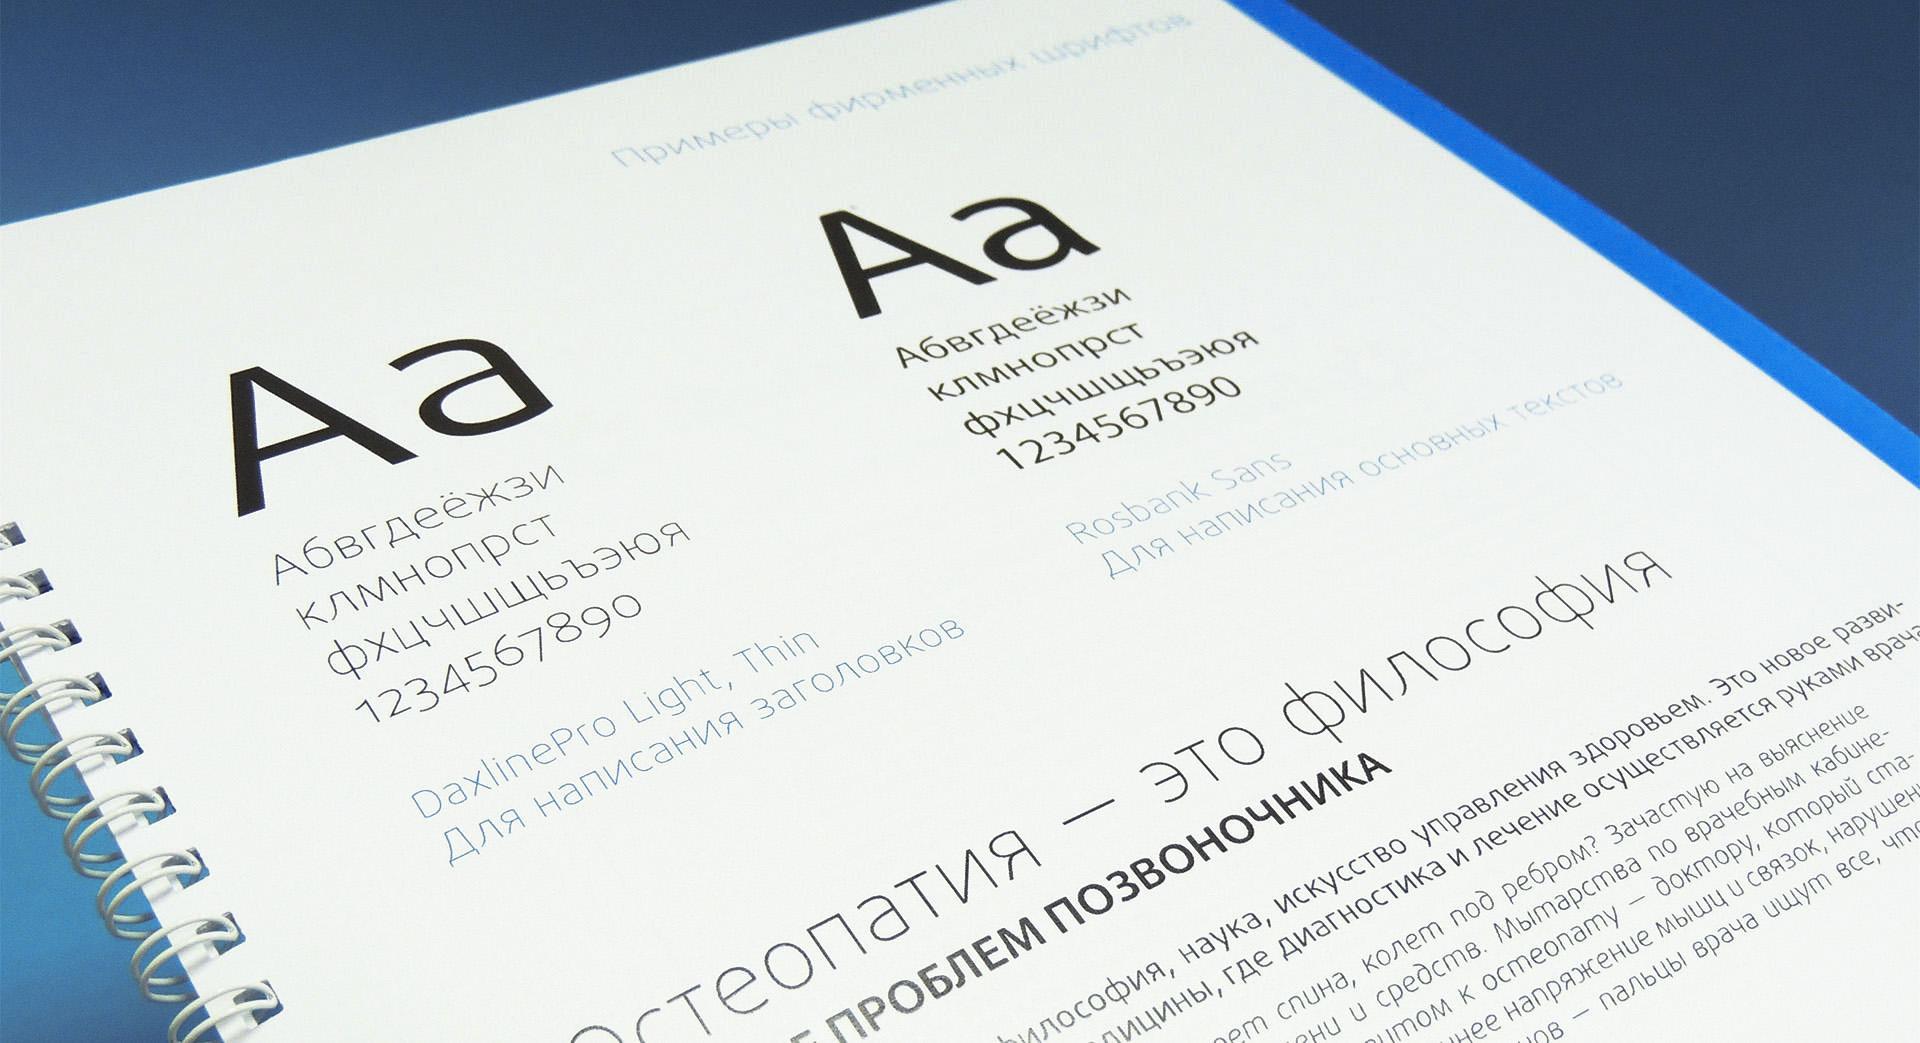 Дизайн of the corporate identity центра остеопатии, chiropractic center corporate identity